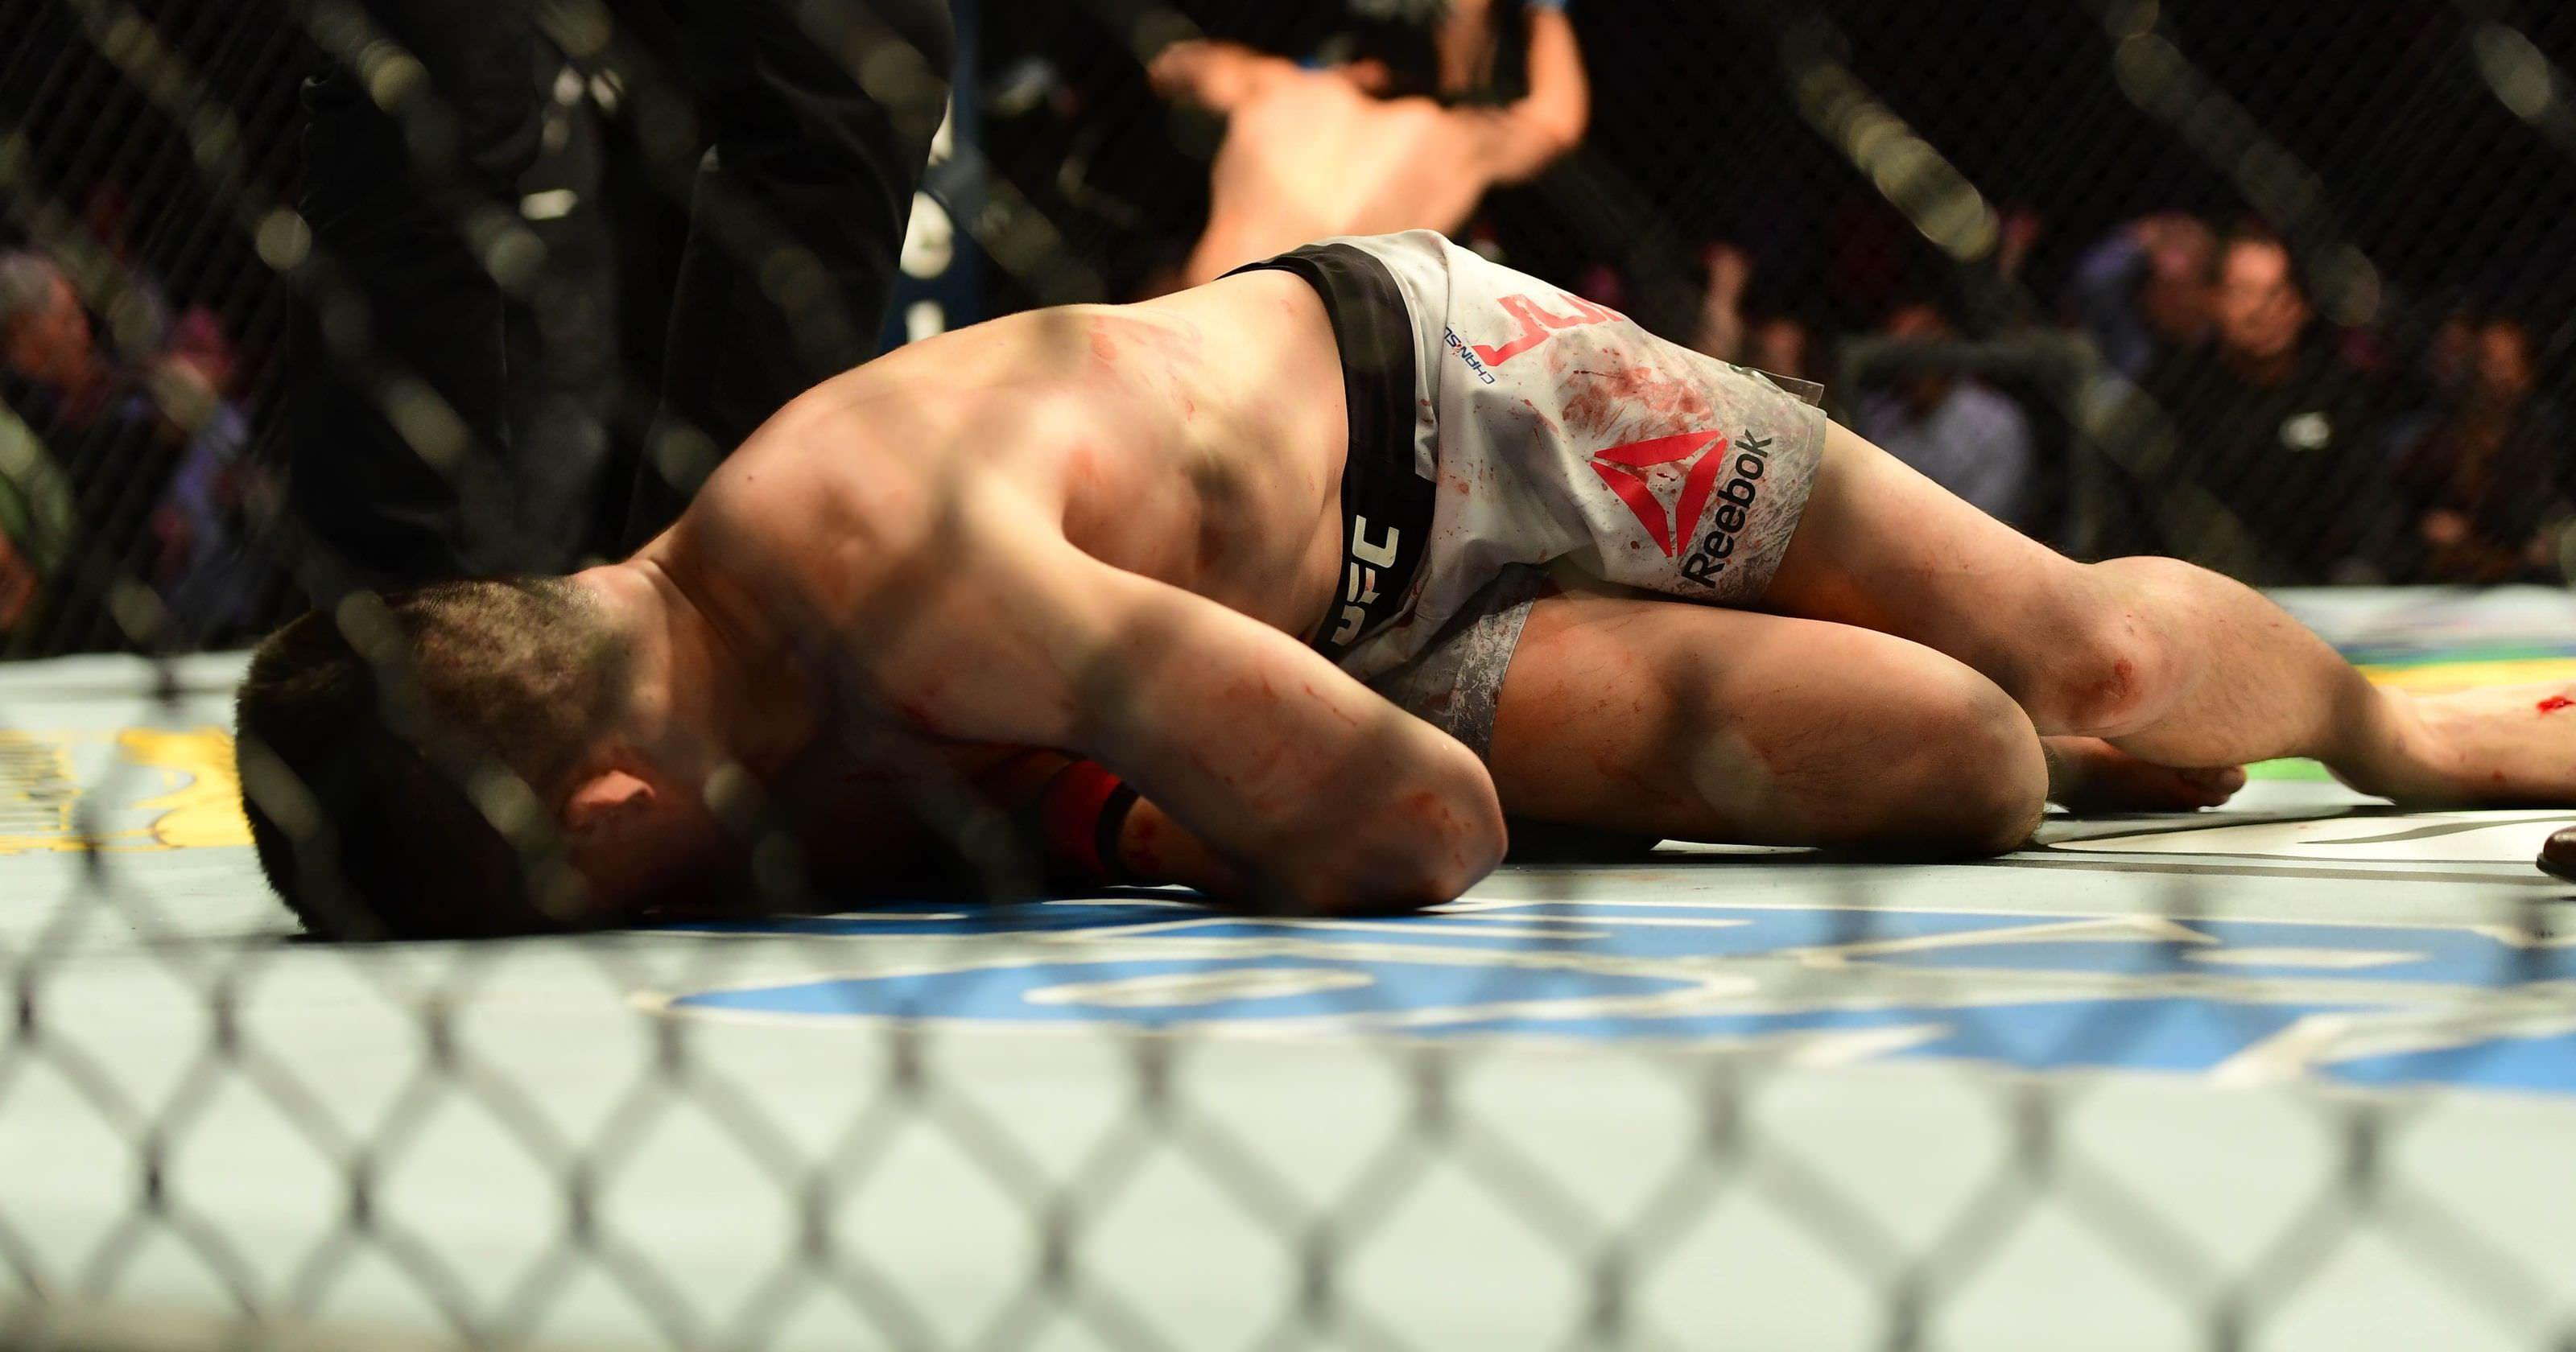 UFC Fight Night 139 terminou com um chocante e notável nocaute no último segundo